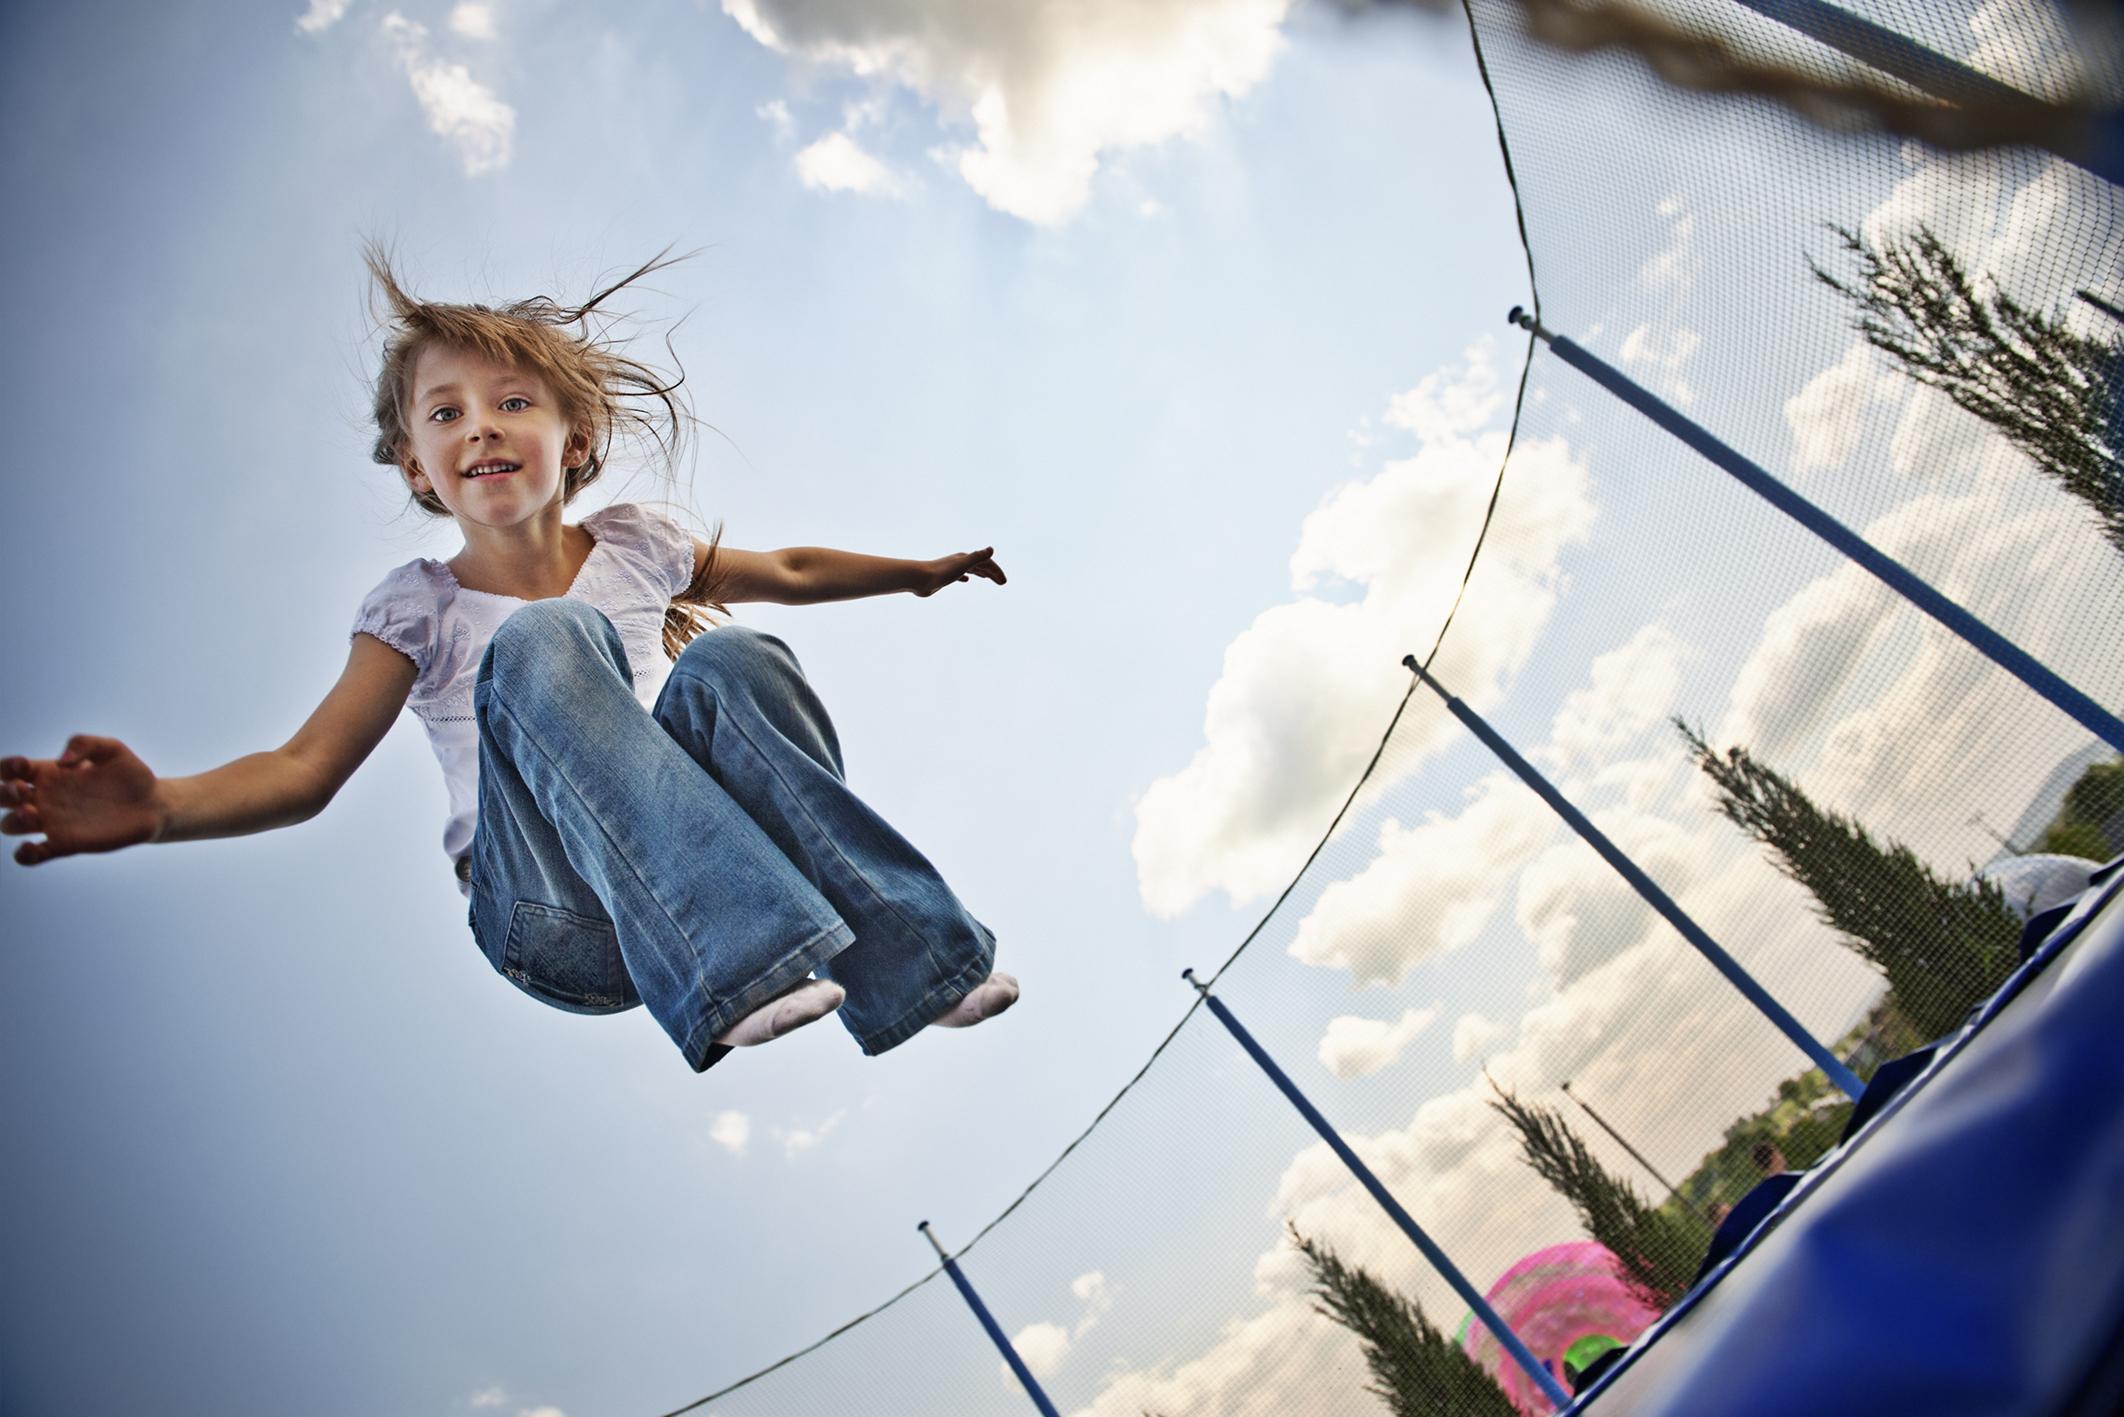 Comment Aider Votre Enfant À Développer Ses Habiletés concernant Jeux De Saut Dans L Eau